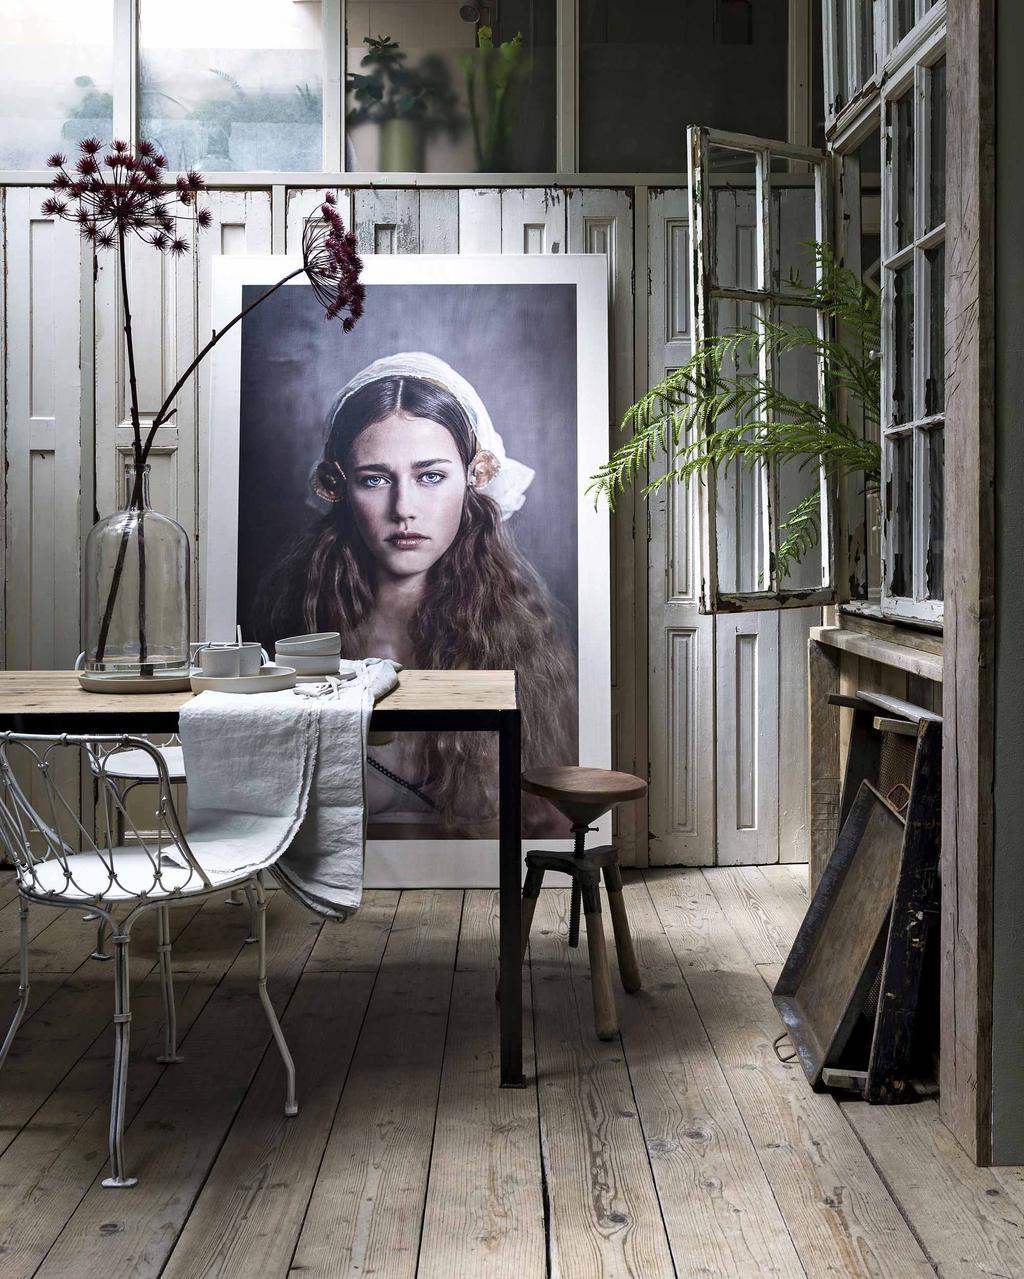 Poster - Eettafel - Oase van rust - Poster